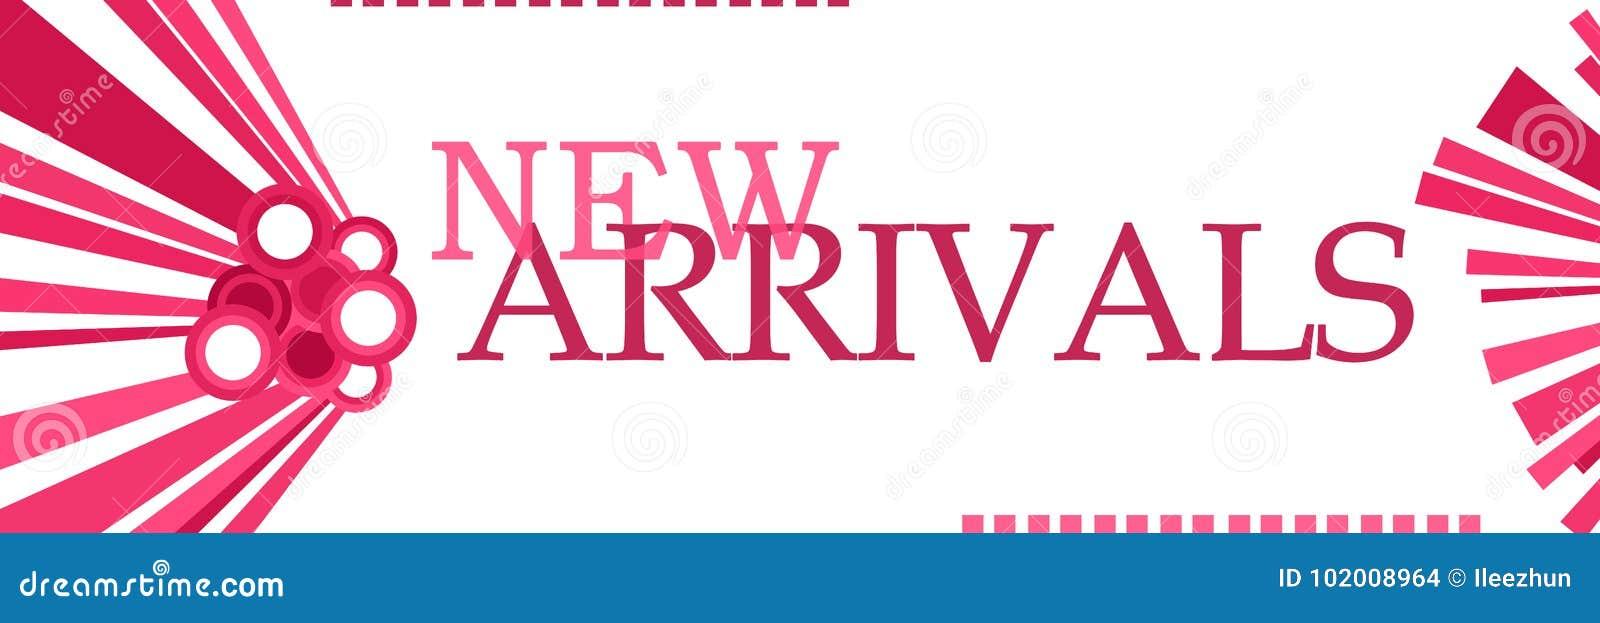 Neuheits-rosa Grafiken horizontal